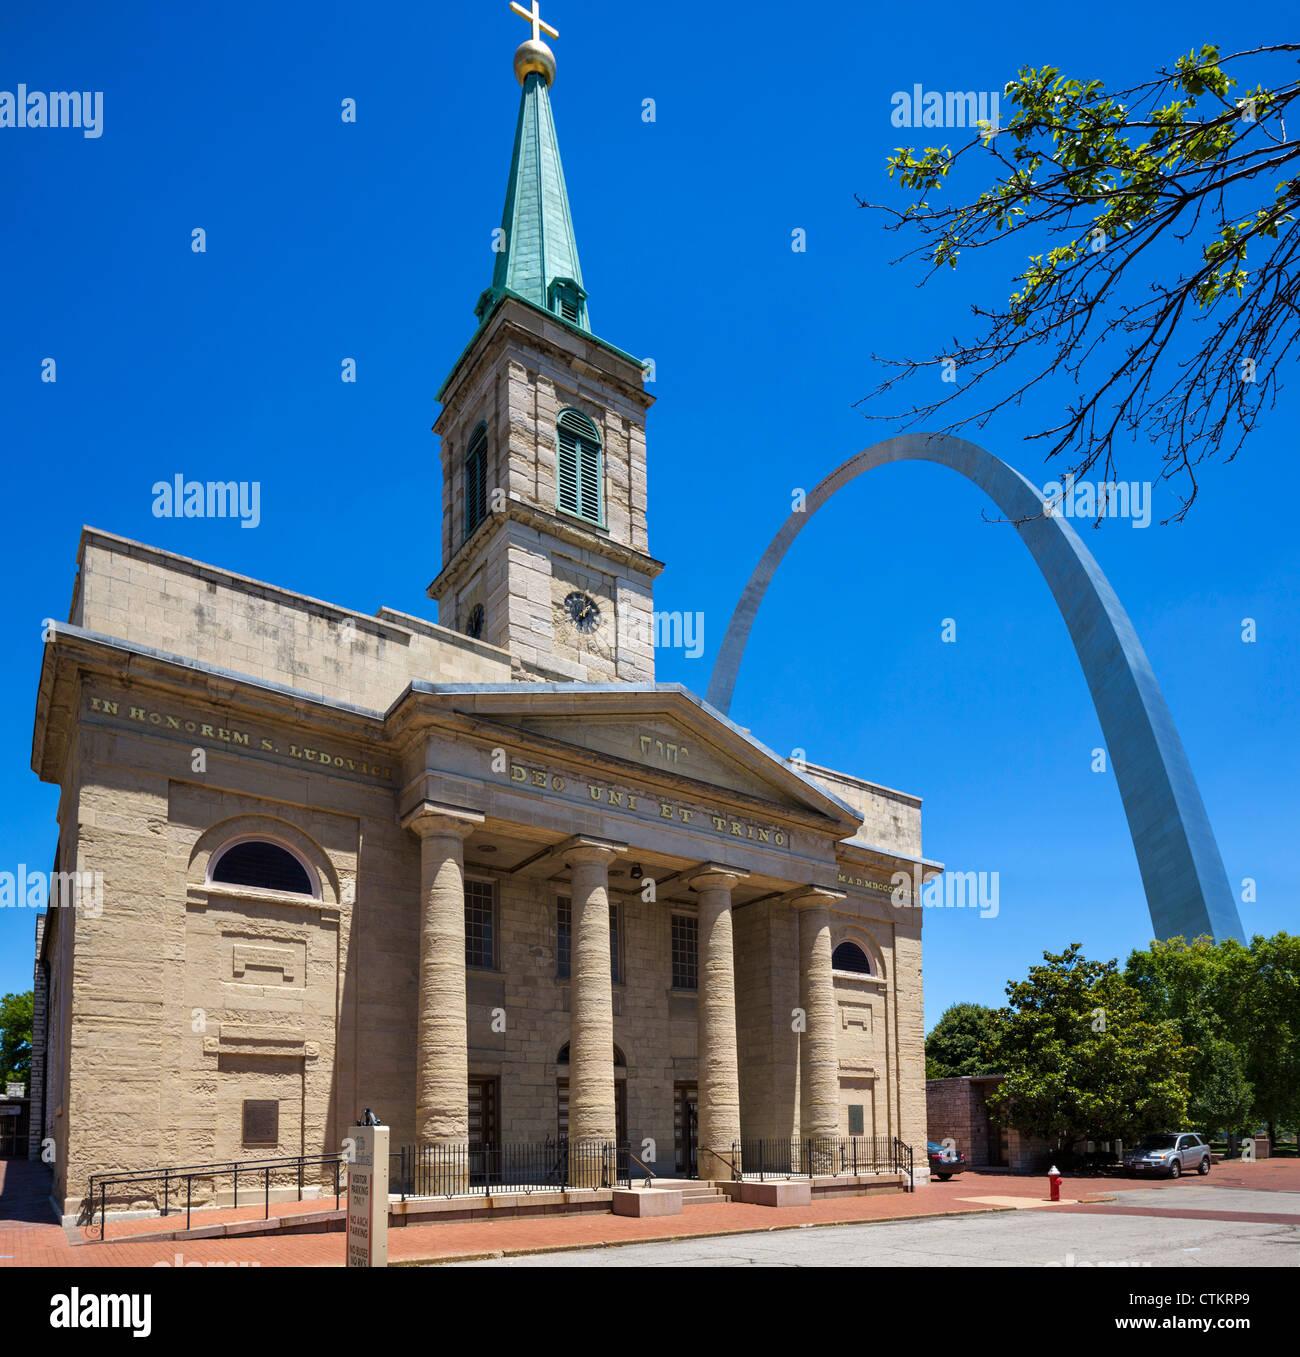 La Catedral Vieja (La basílica de Saint Louis, Rey de Francia) con el Arco Gateway detrás, St Louis, Missouri, EE.UU. Foto de stock